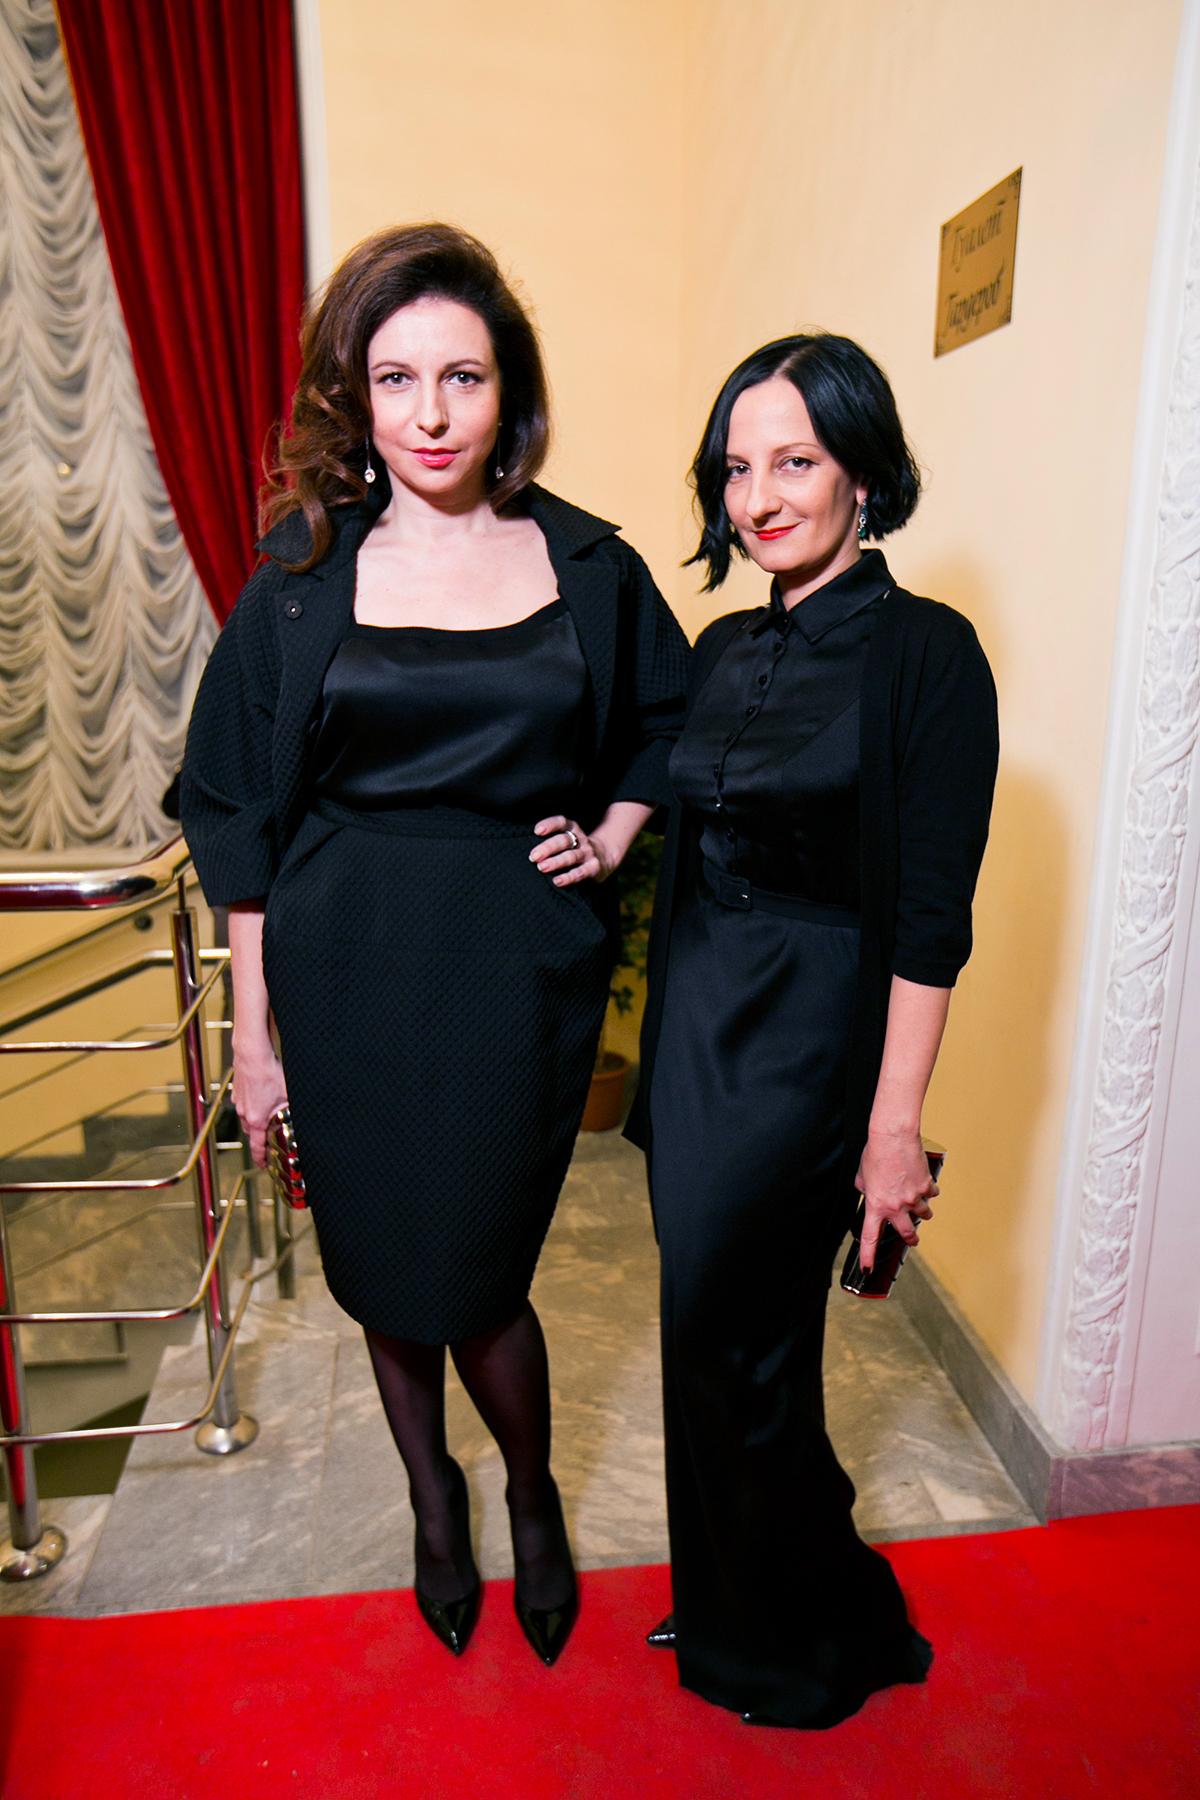 Актриса Алиса Хазанова и модельер Светлана Теген